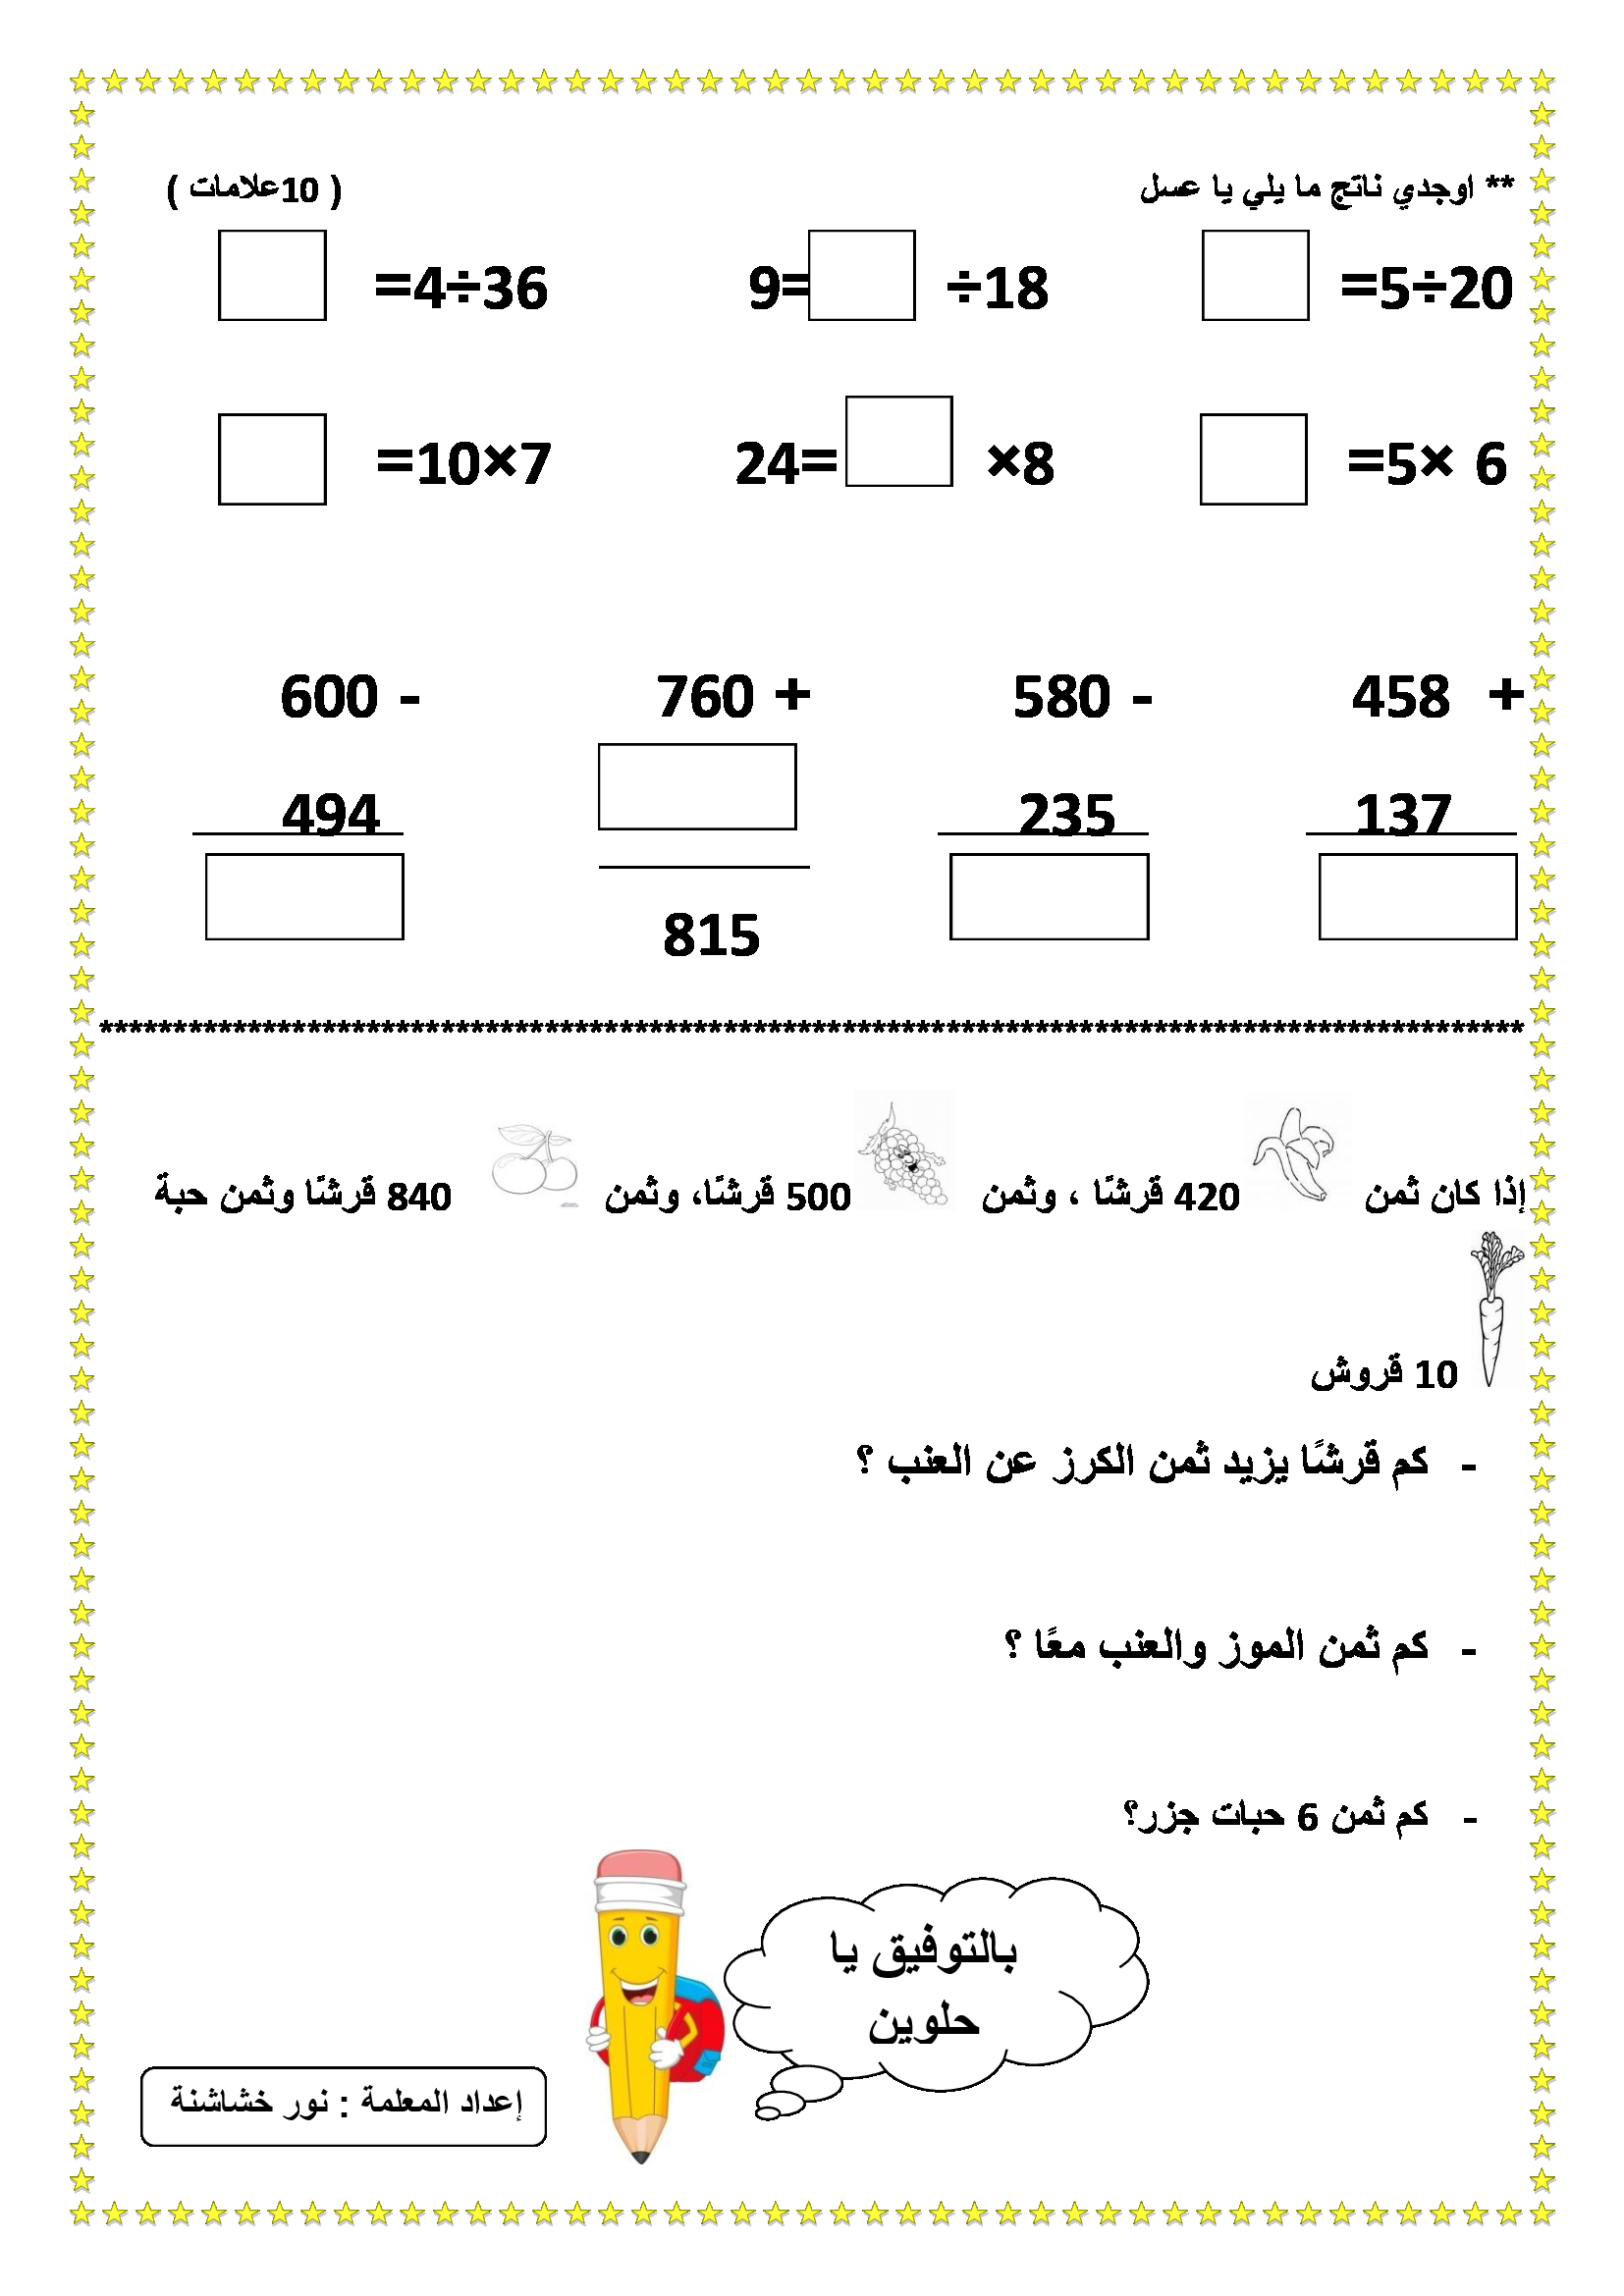 الاختبار النهائي لمادة الرياضيات للصف الثاني الفصل الثاني 2019